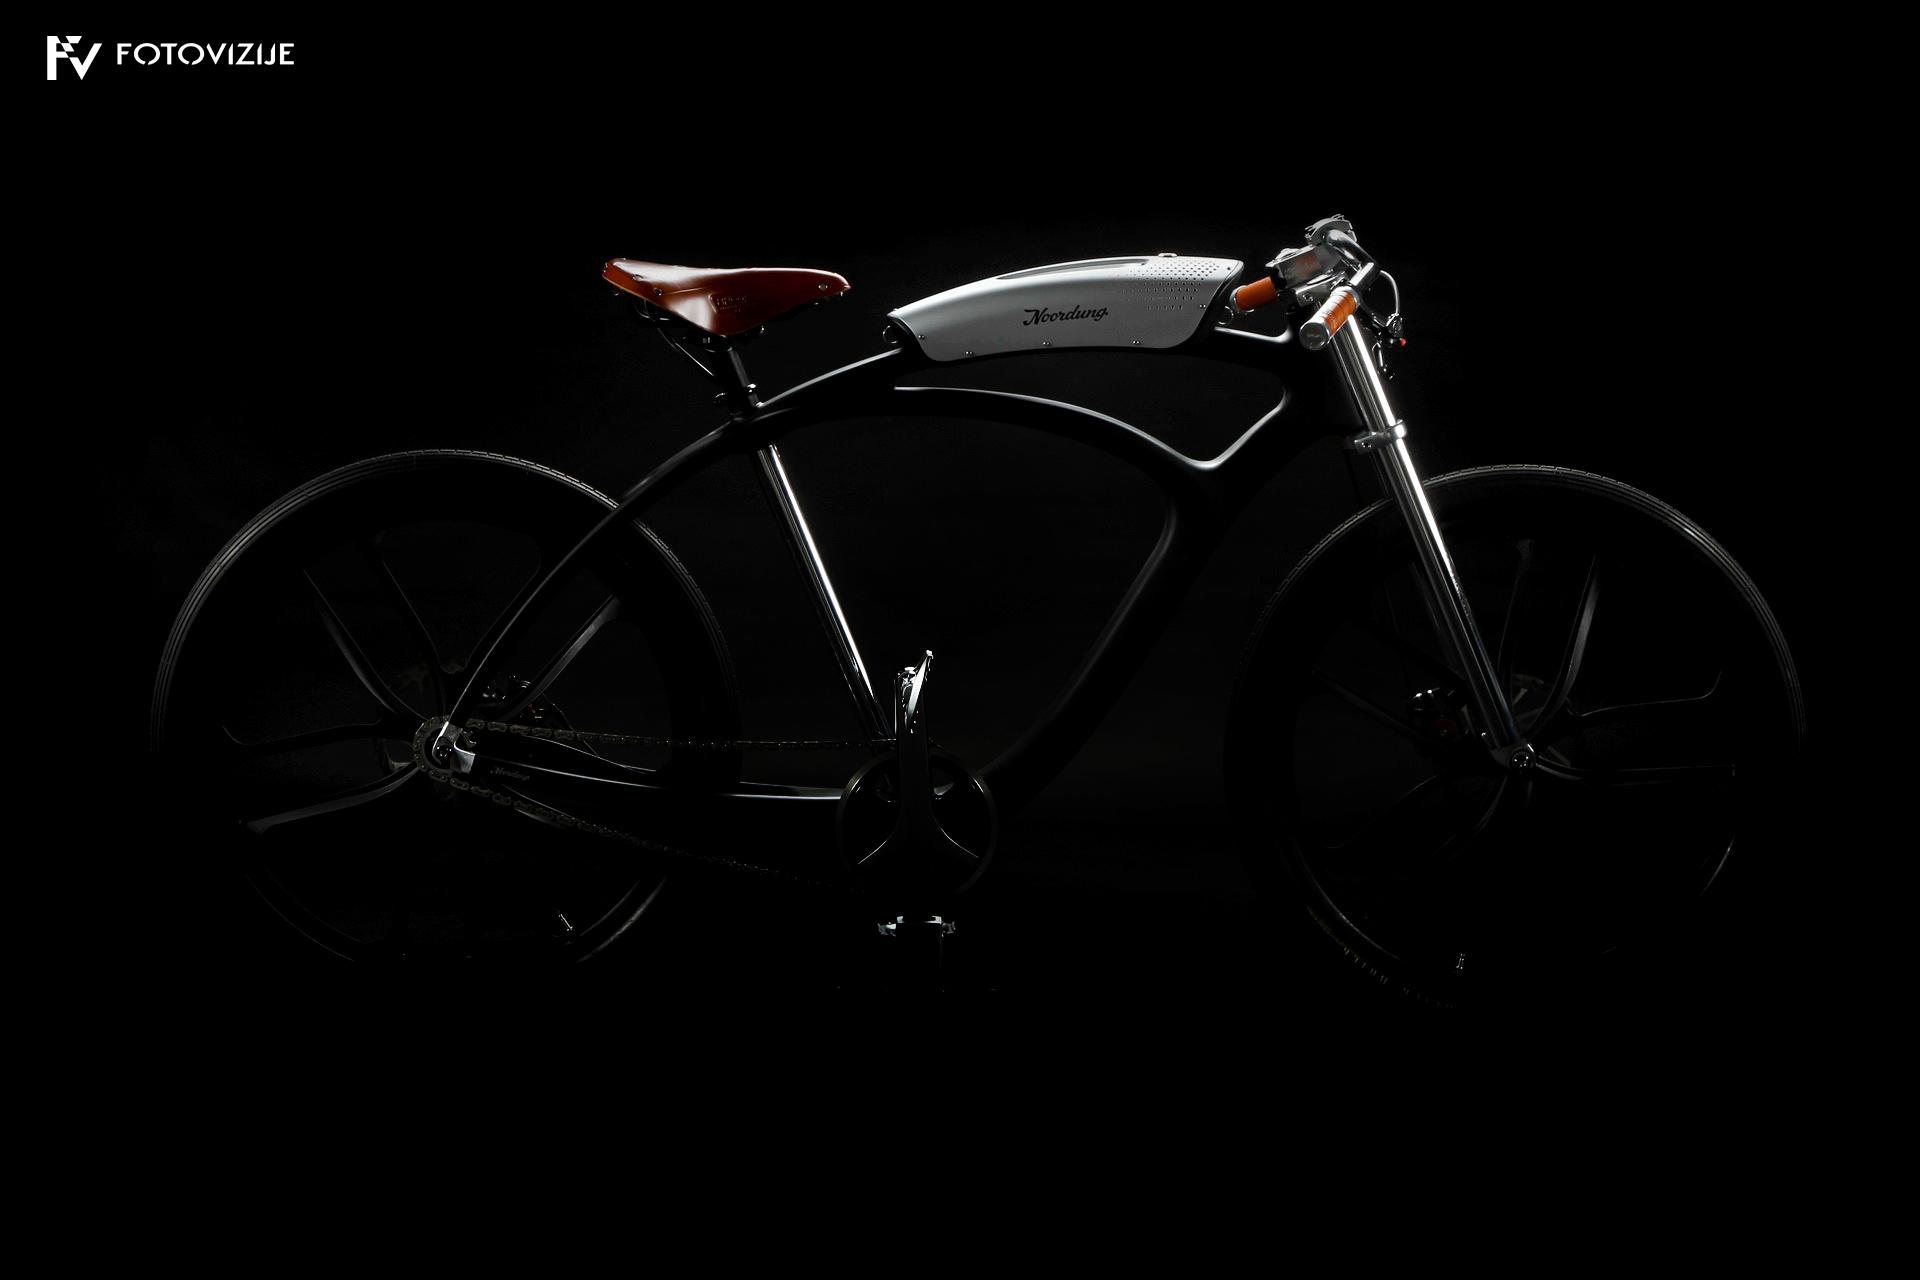 Fotografiranje električnega kolesa Noordung No. 01, 2016